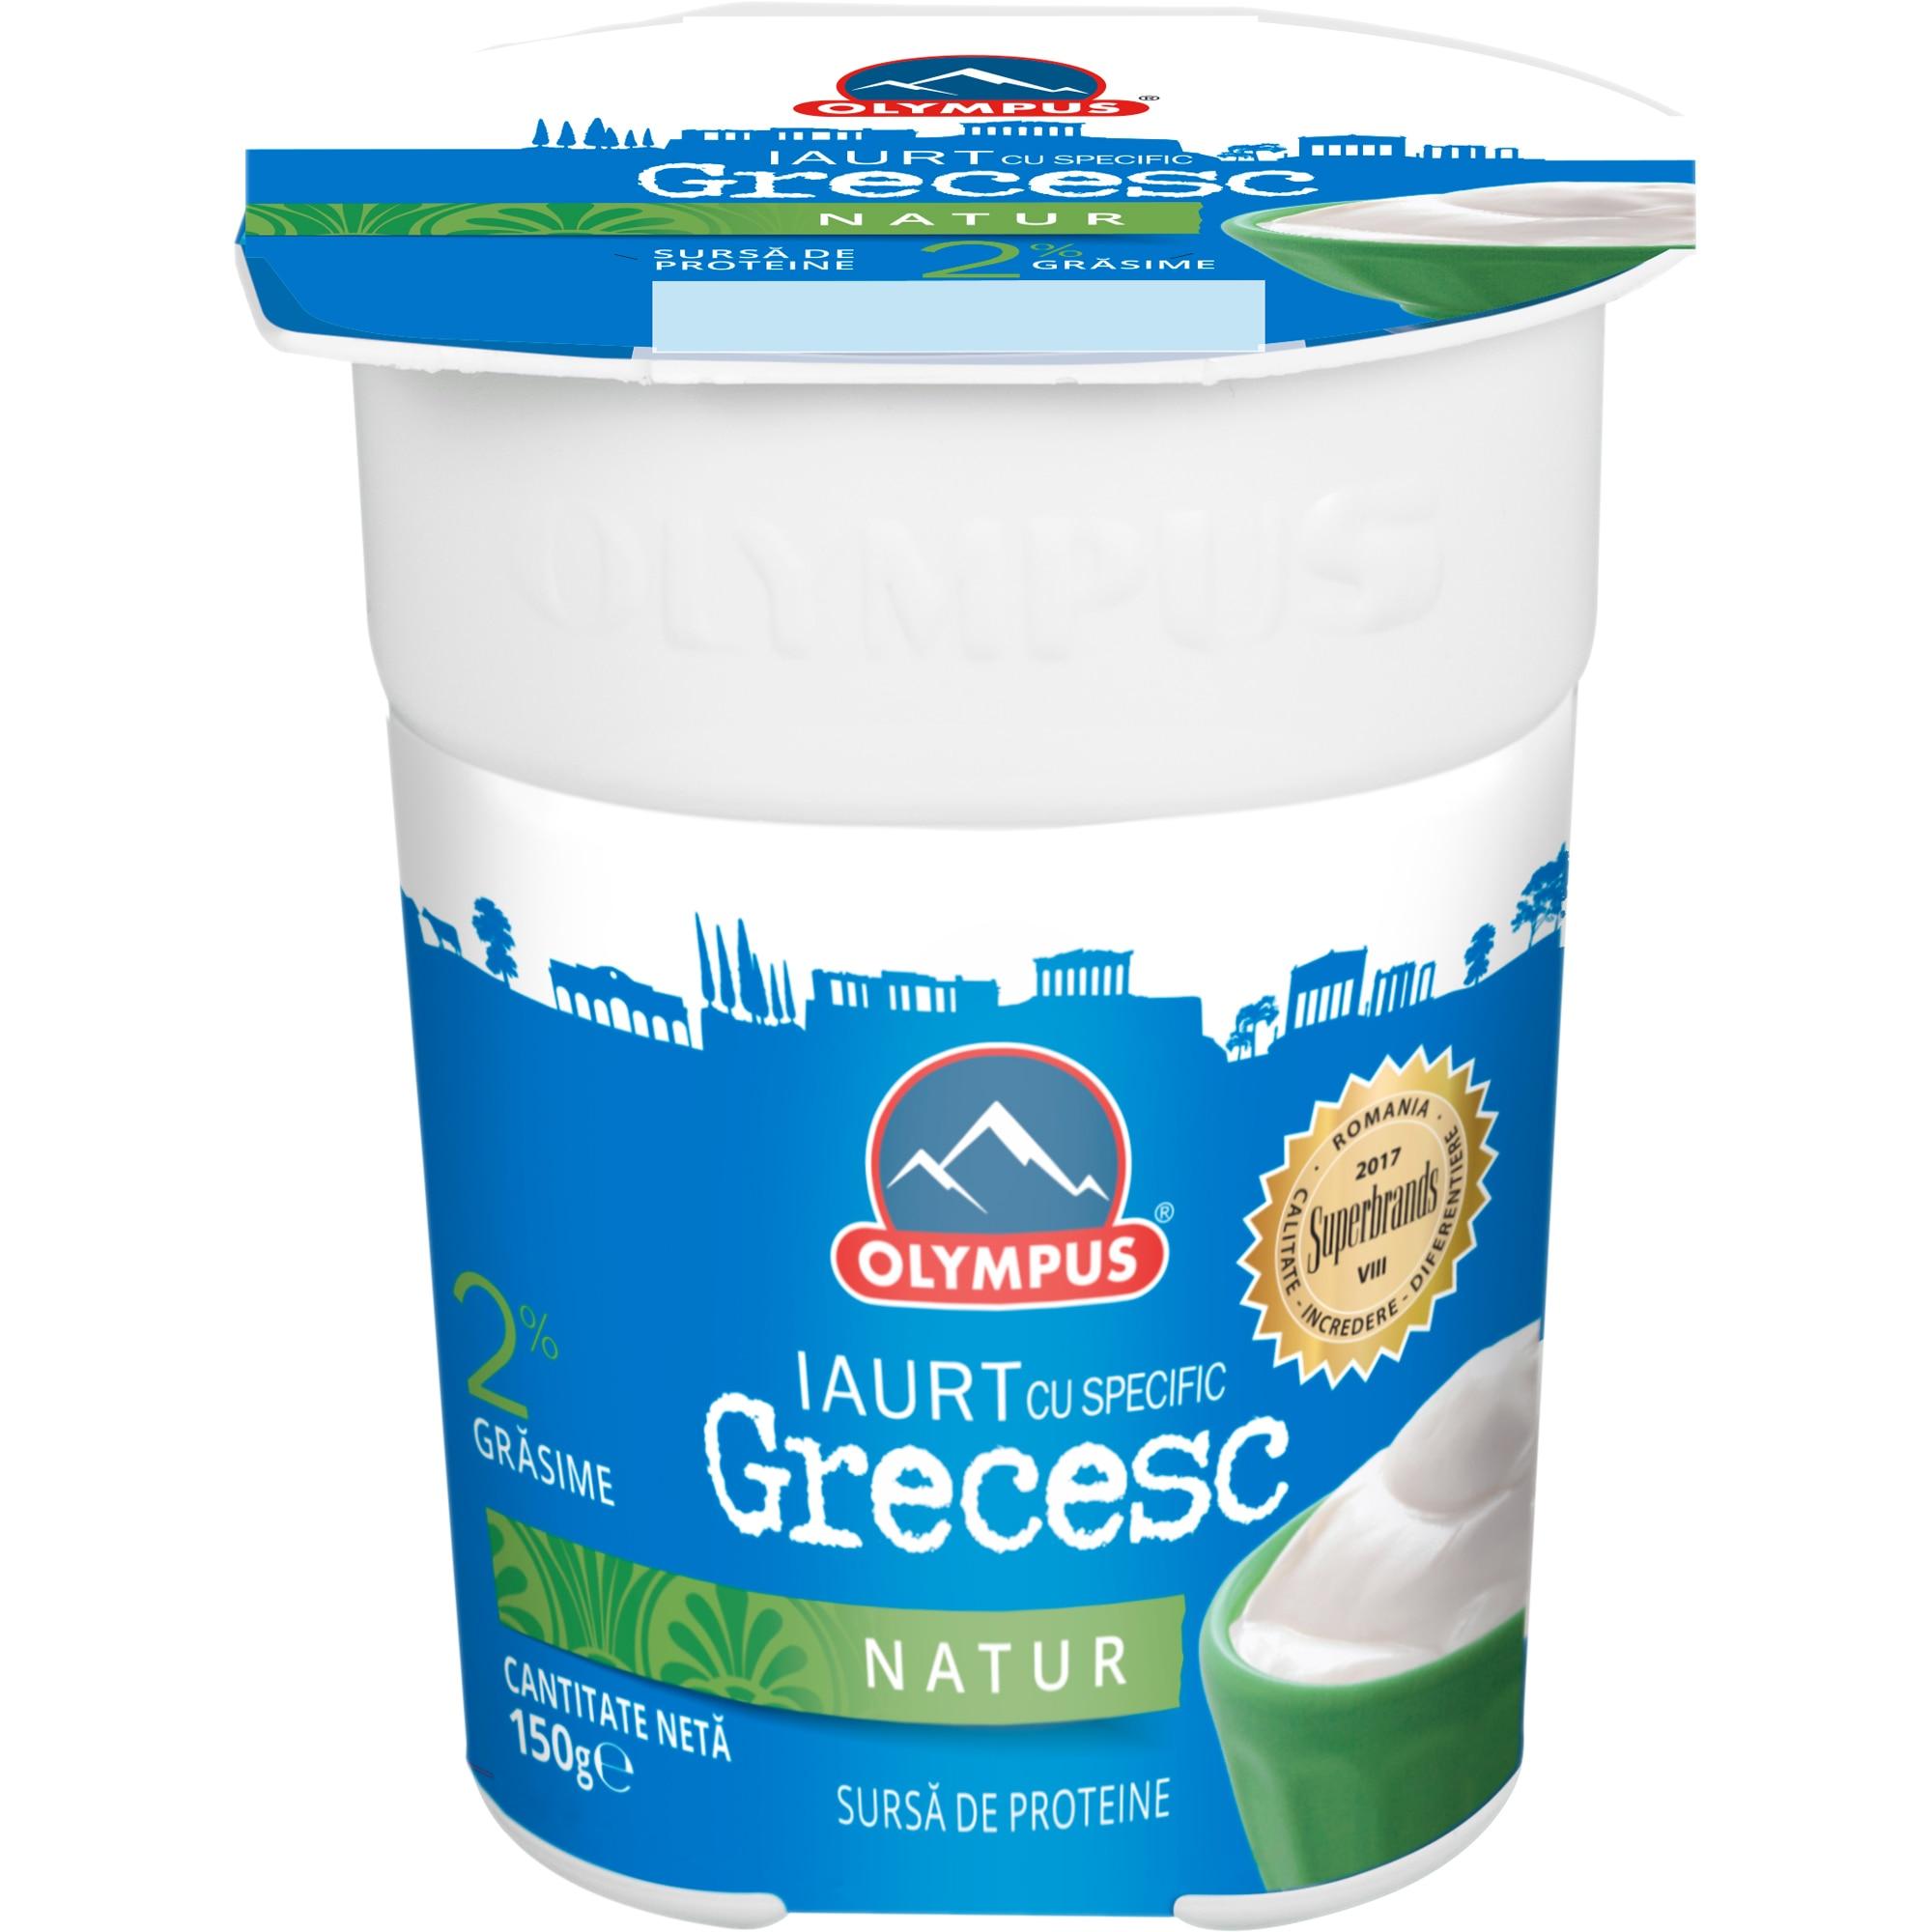 iaurt grecesc fara gluten